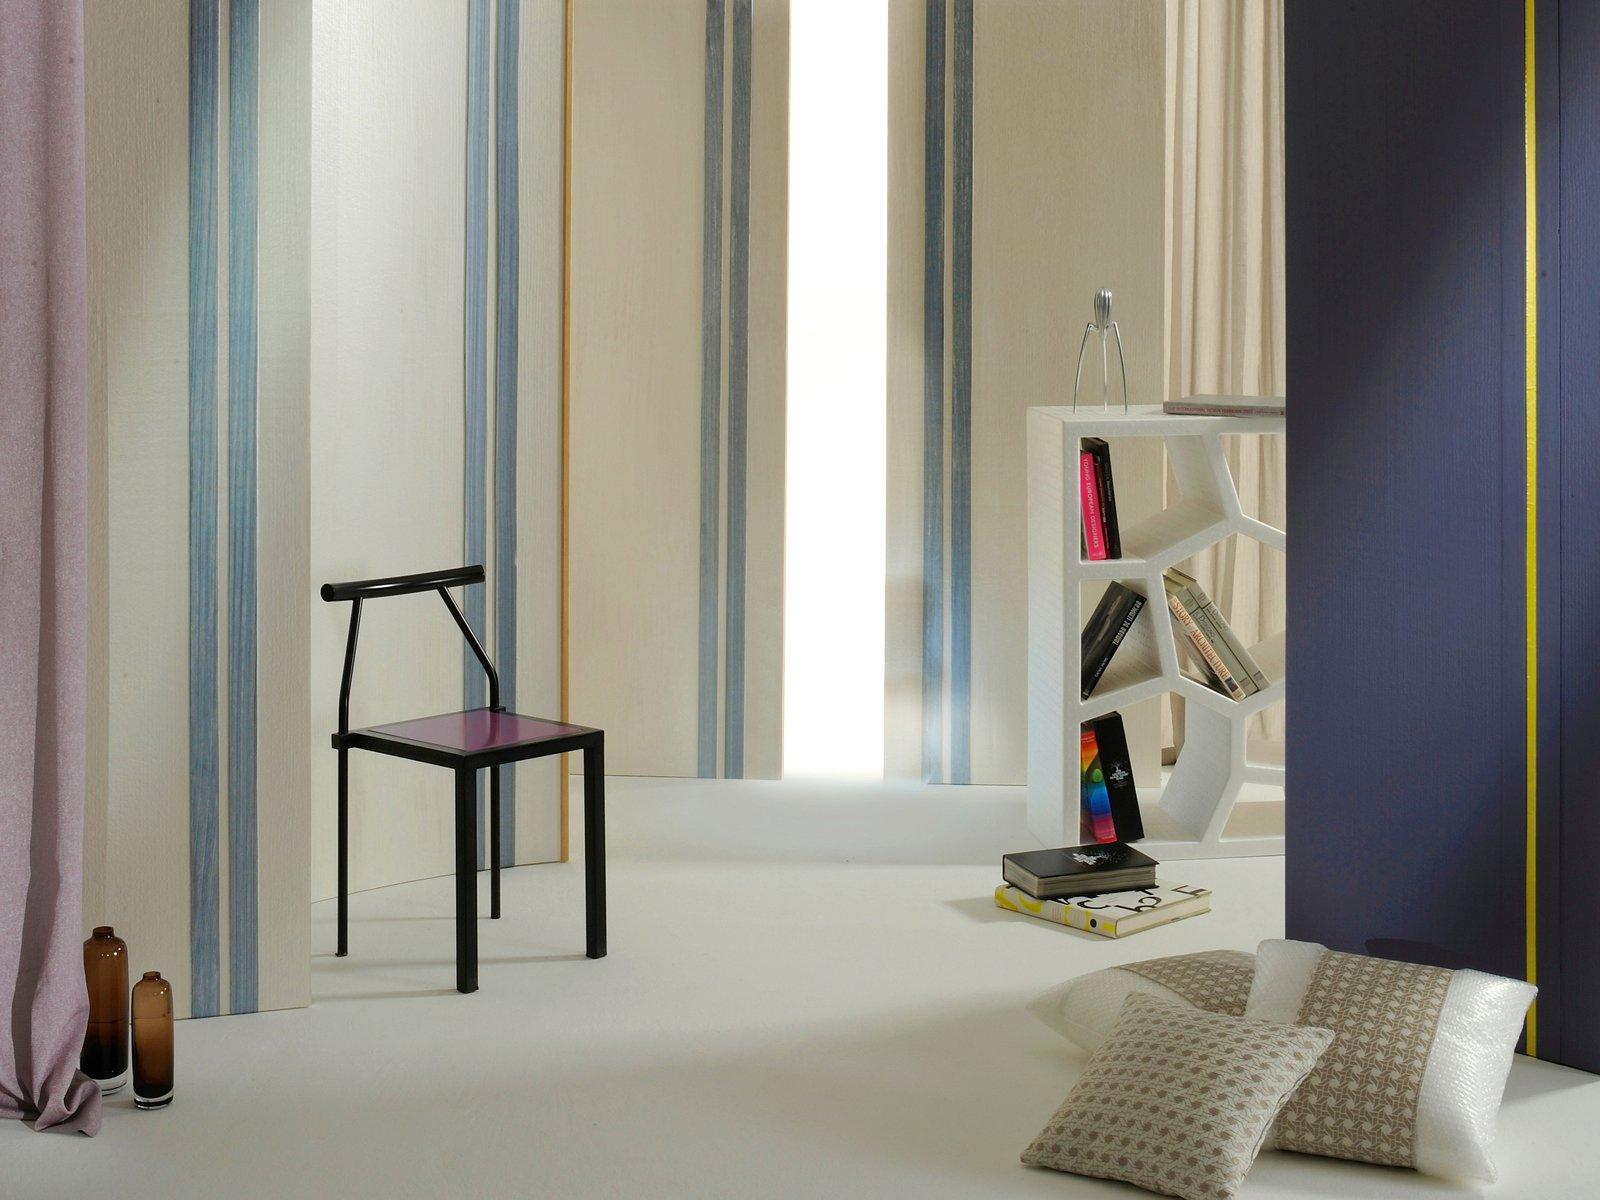 Decorare mobili shabby con scritte for Parete colorate moderne